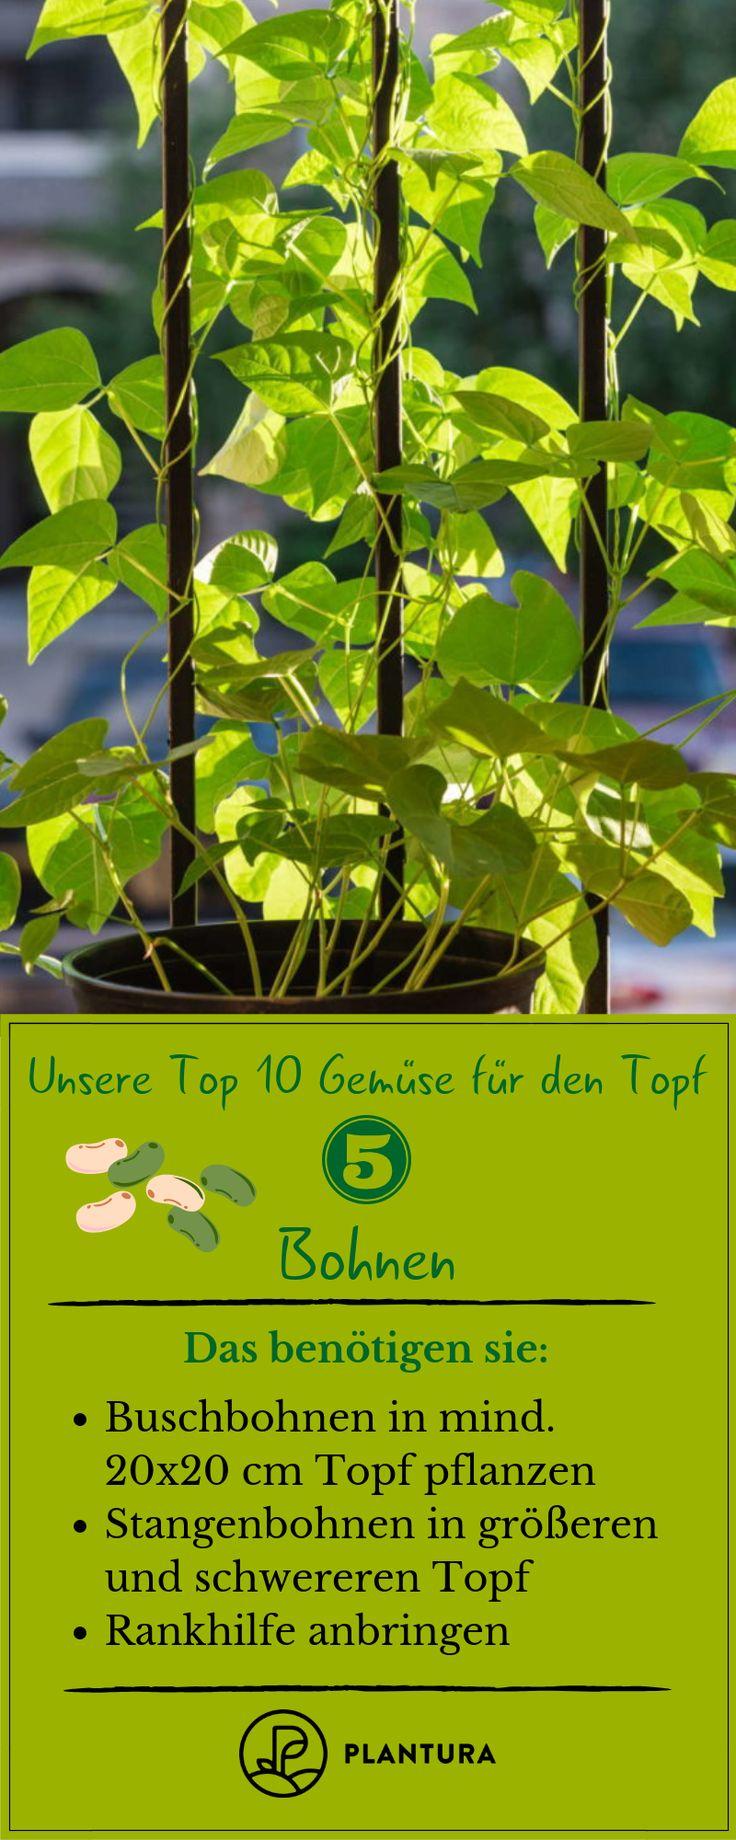 Growing vegetables in a pot: The 10 best varieties for pot culture  – Topfpflanzen